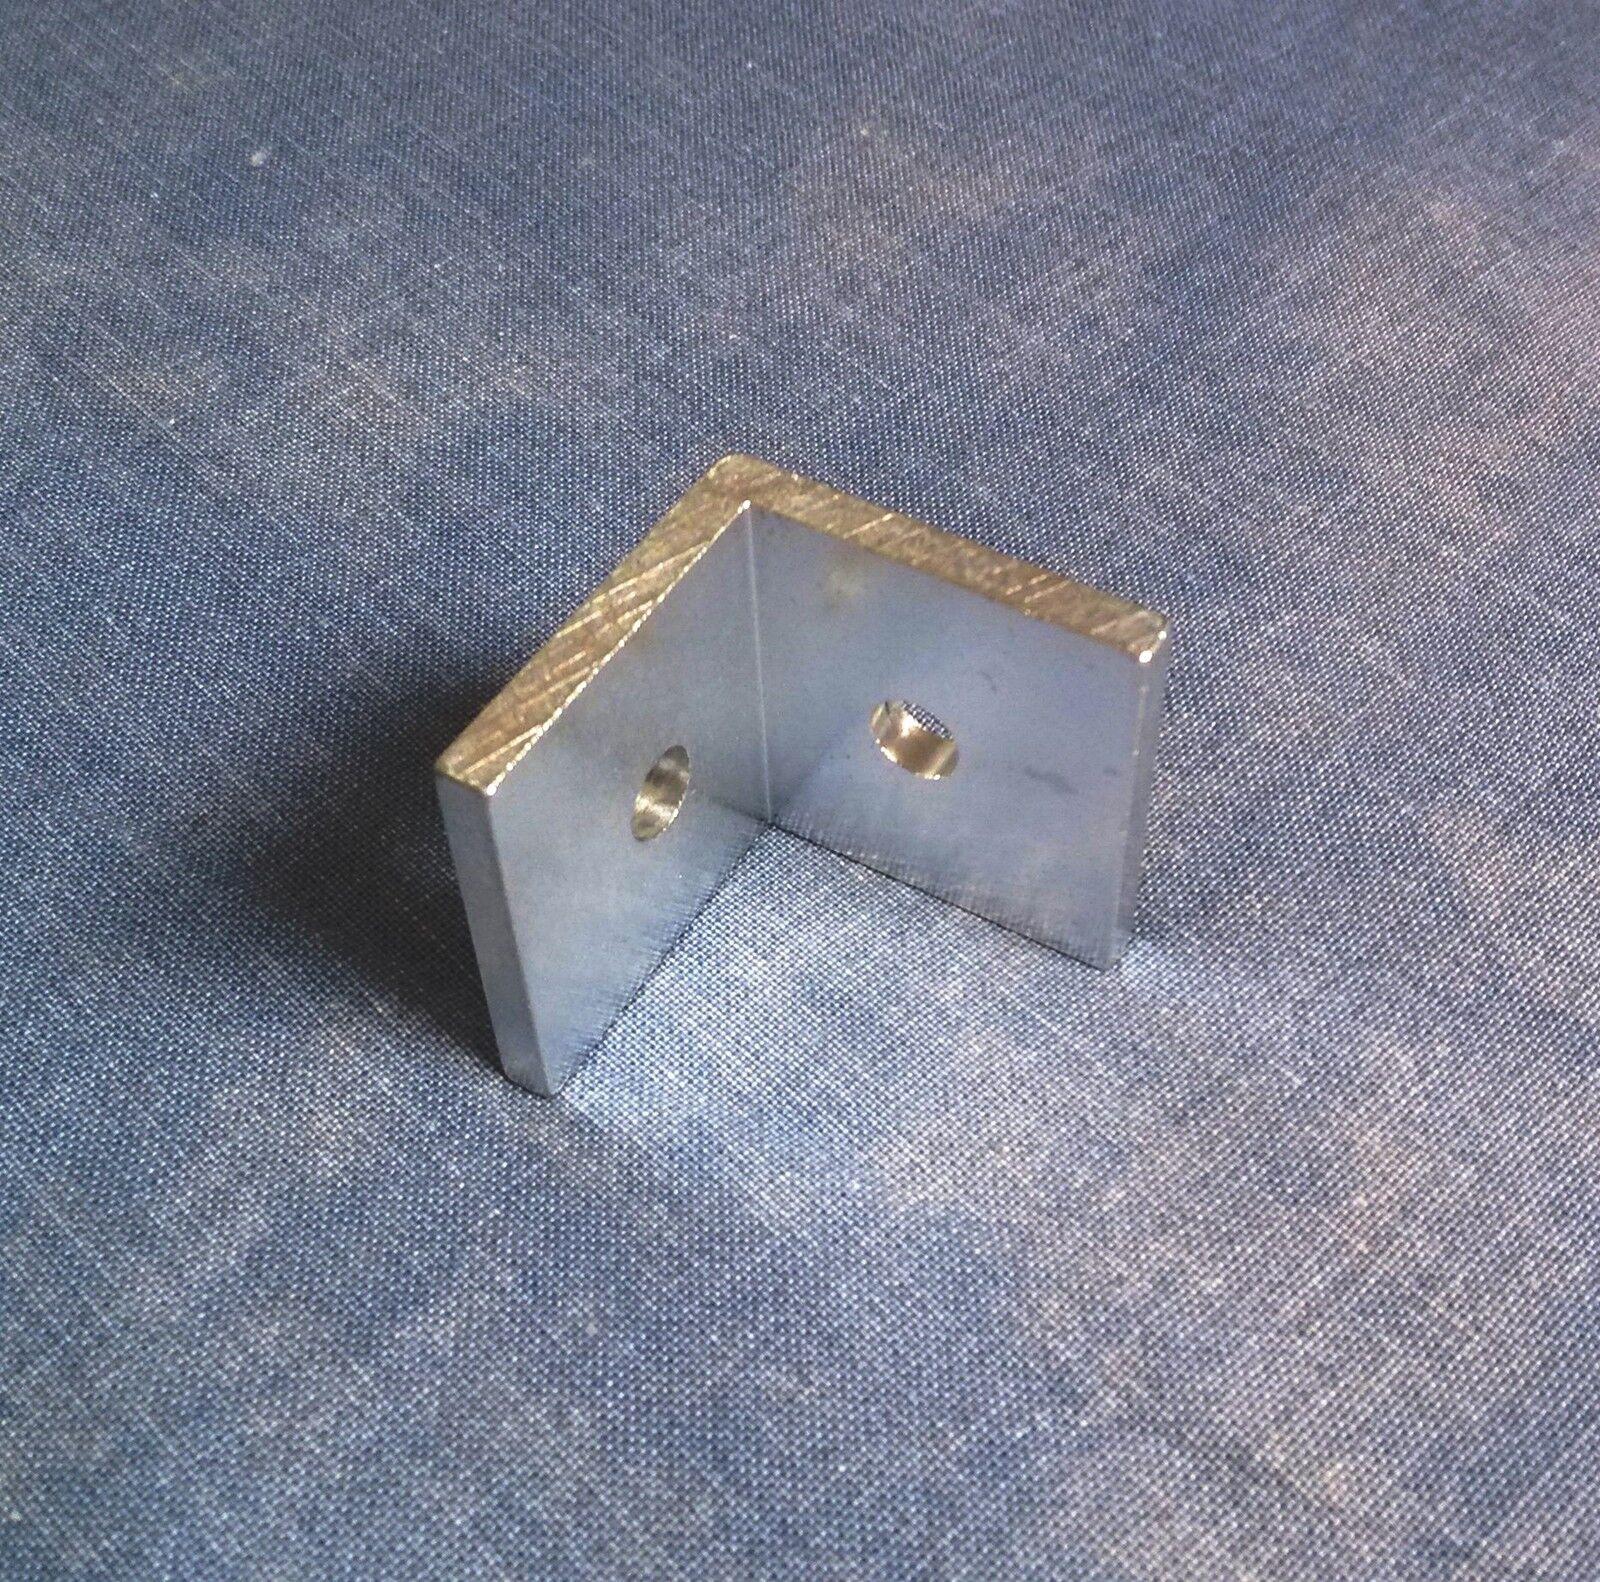 Alu Winkel für Solarprofile 40x40x5mm mit 8,5mm Loch